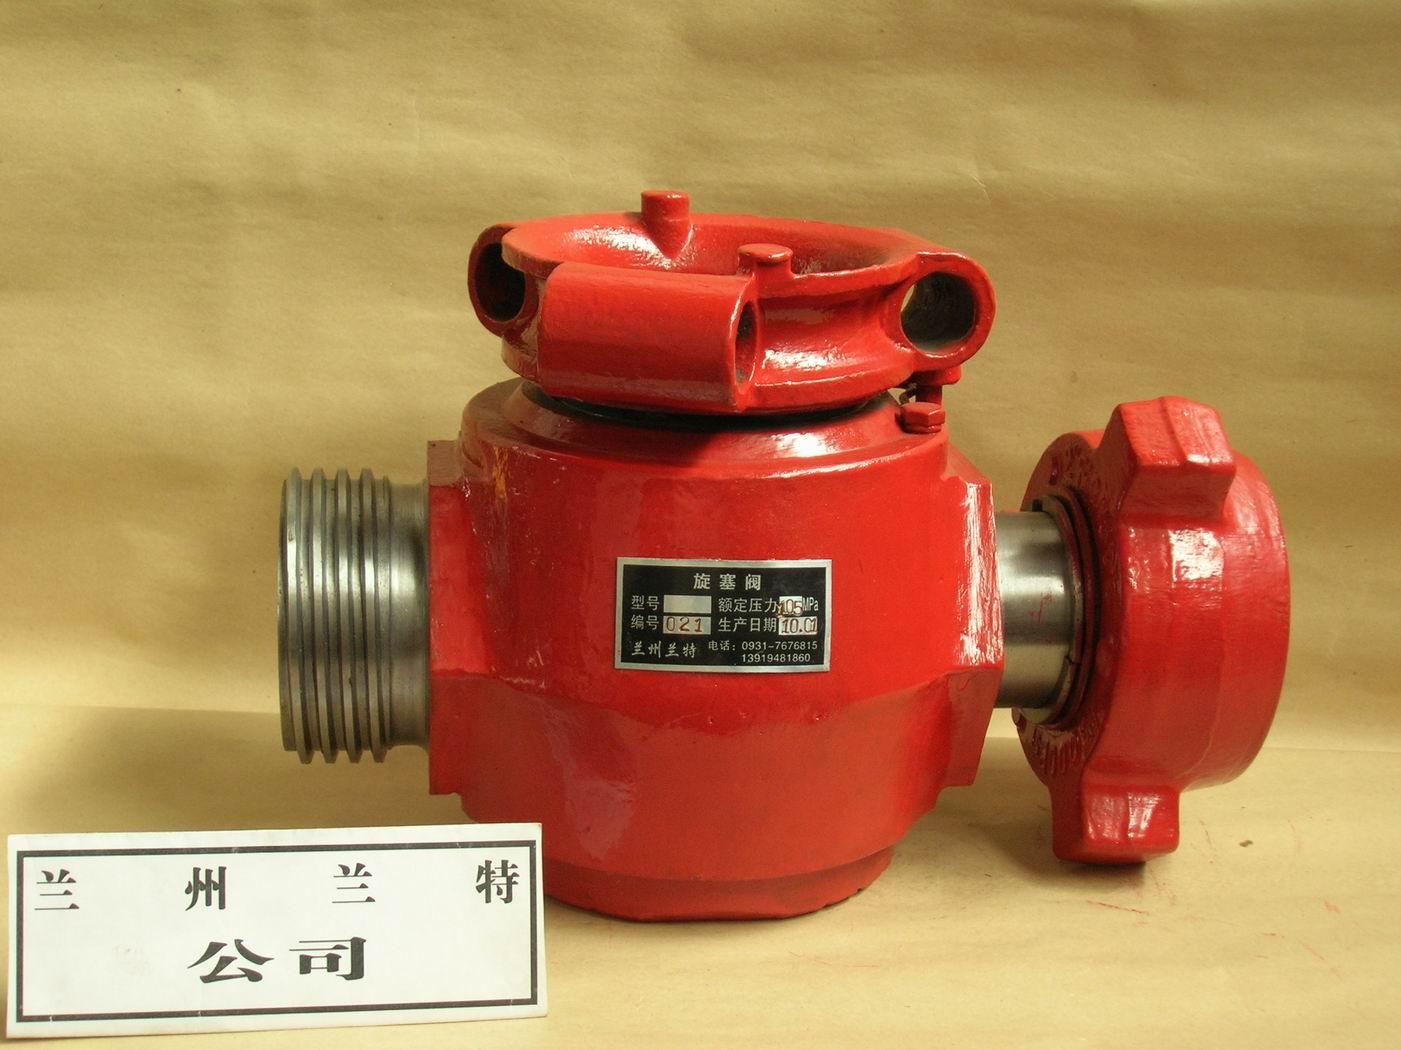 兰特公司专业生产油田用:高压旋塞阀